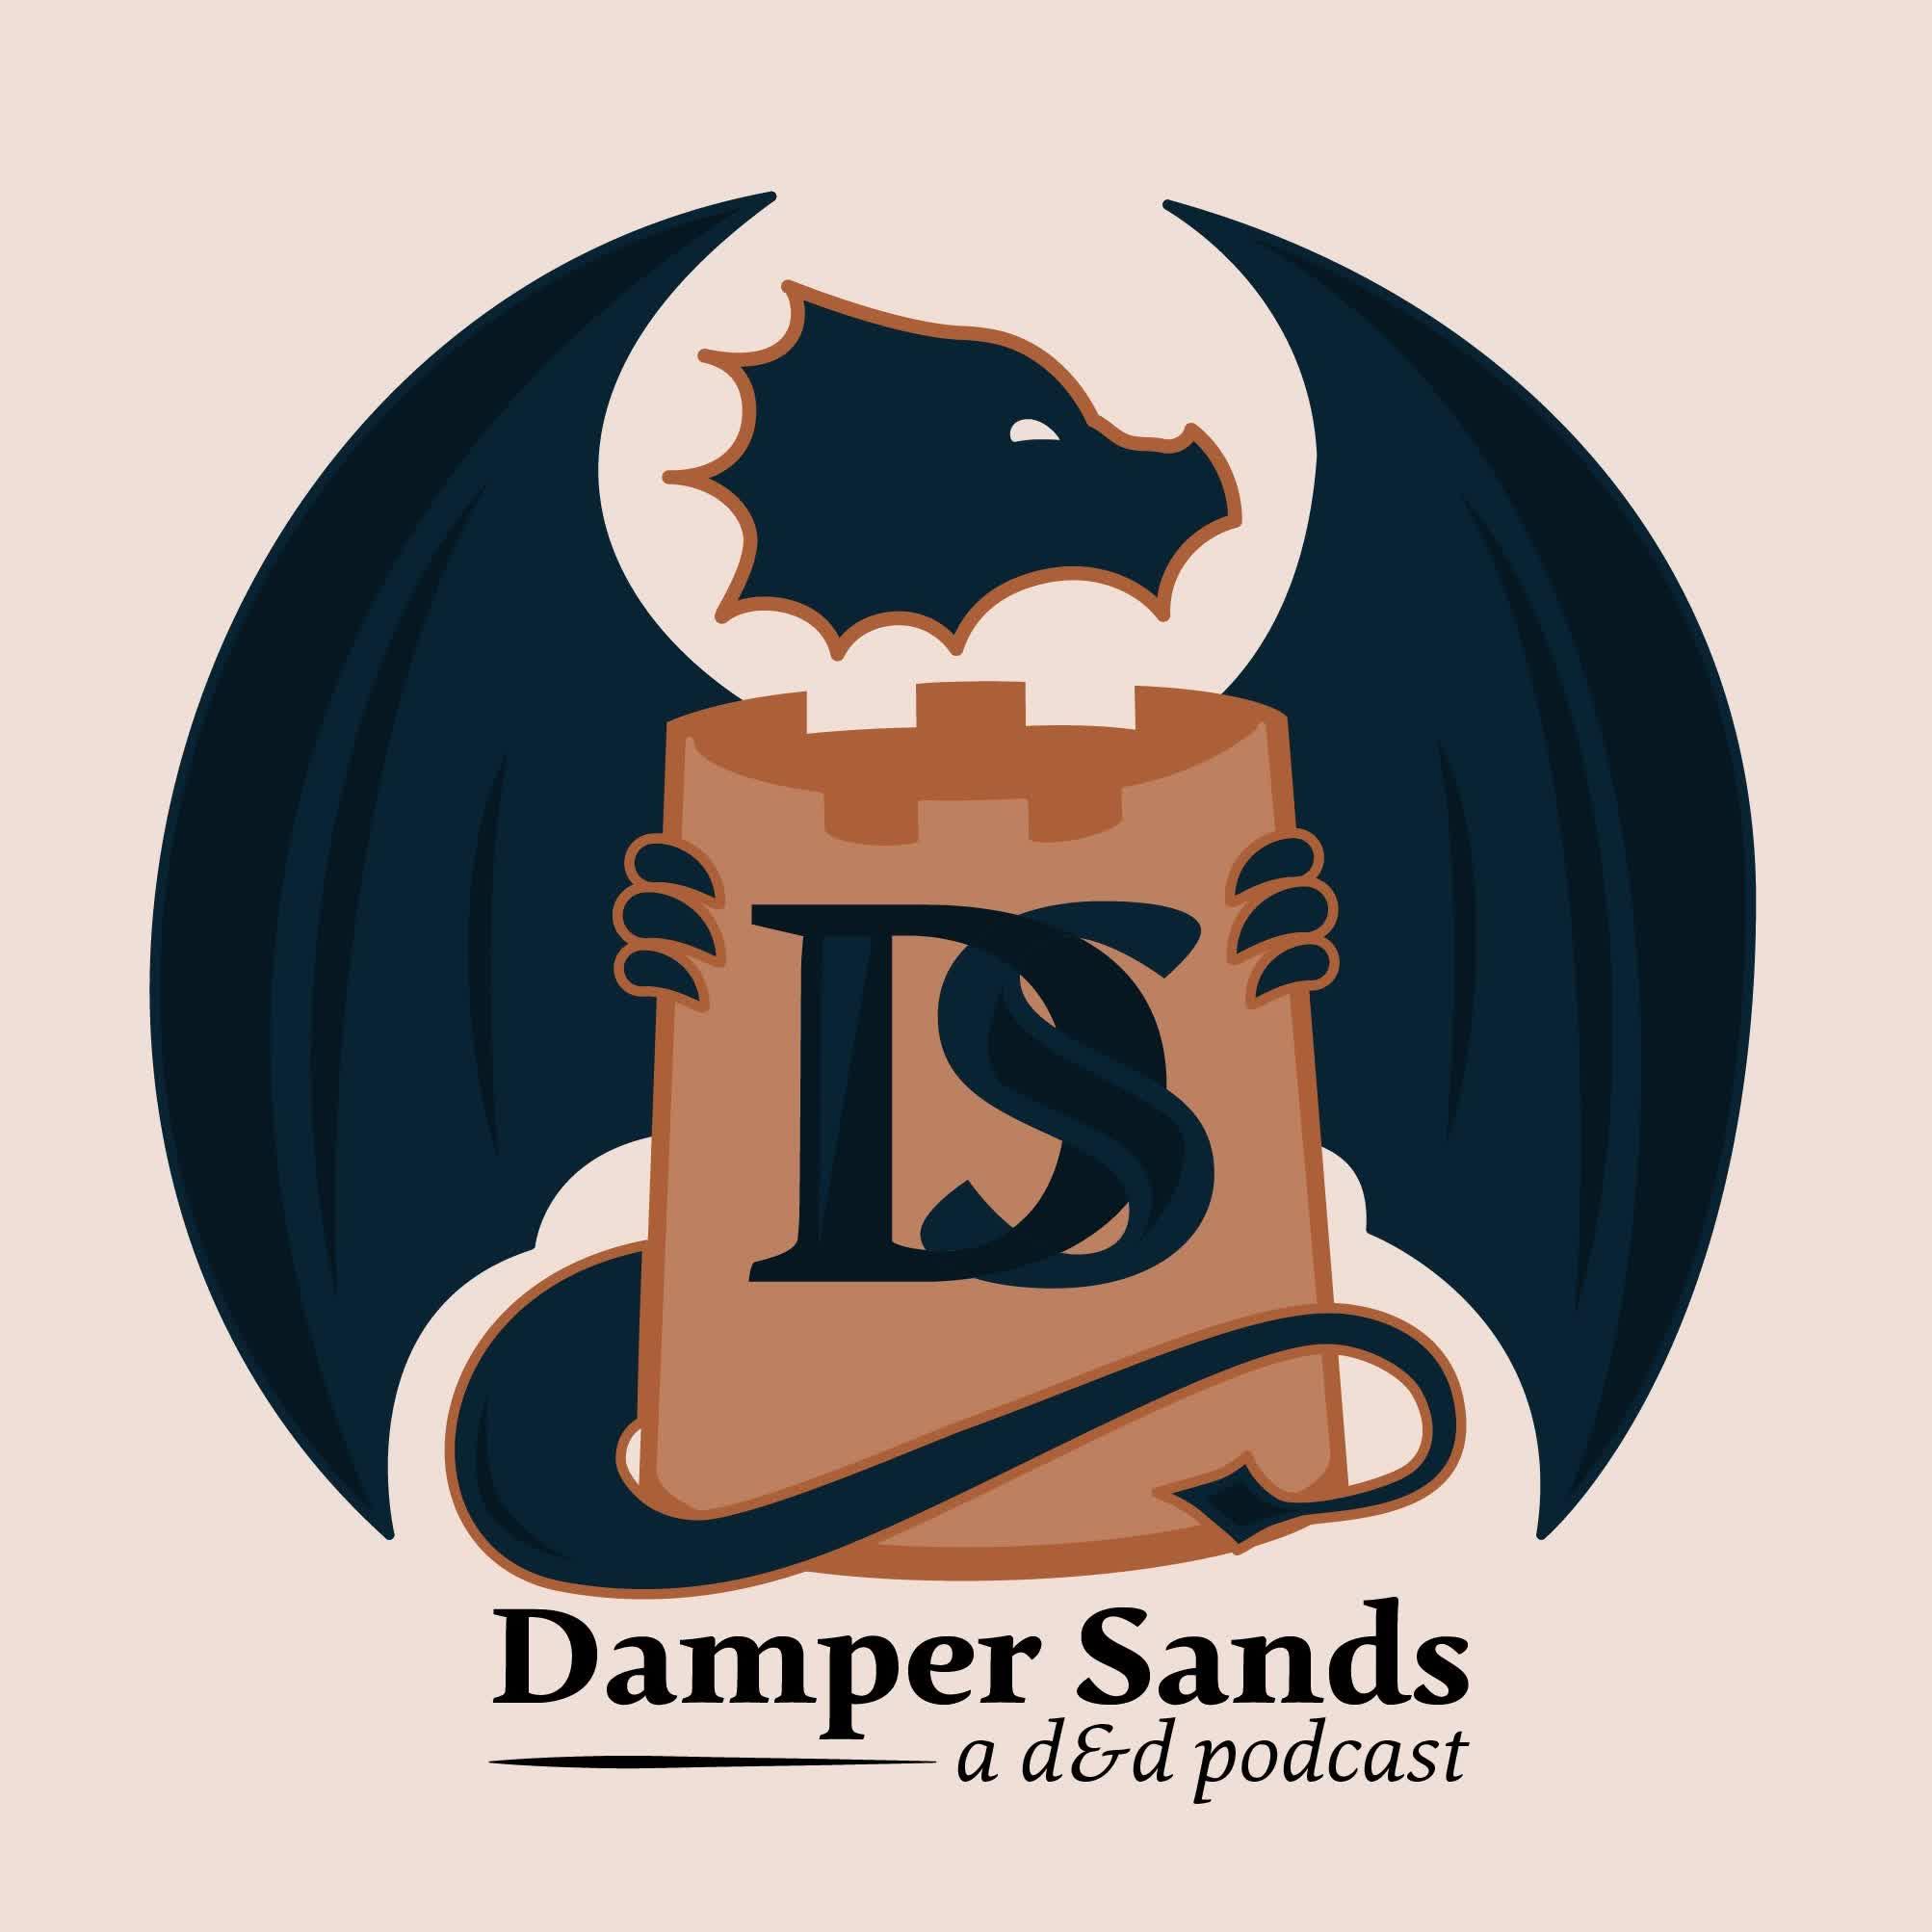 Damper Sands